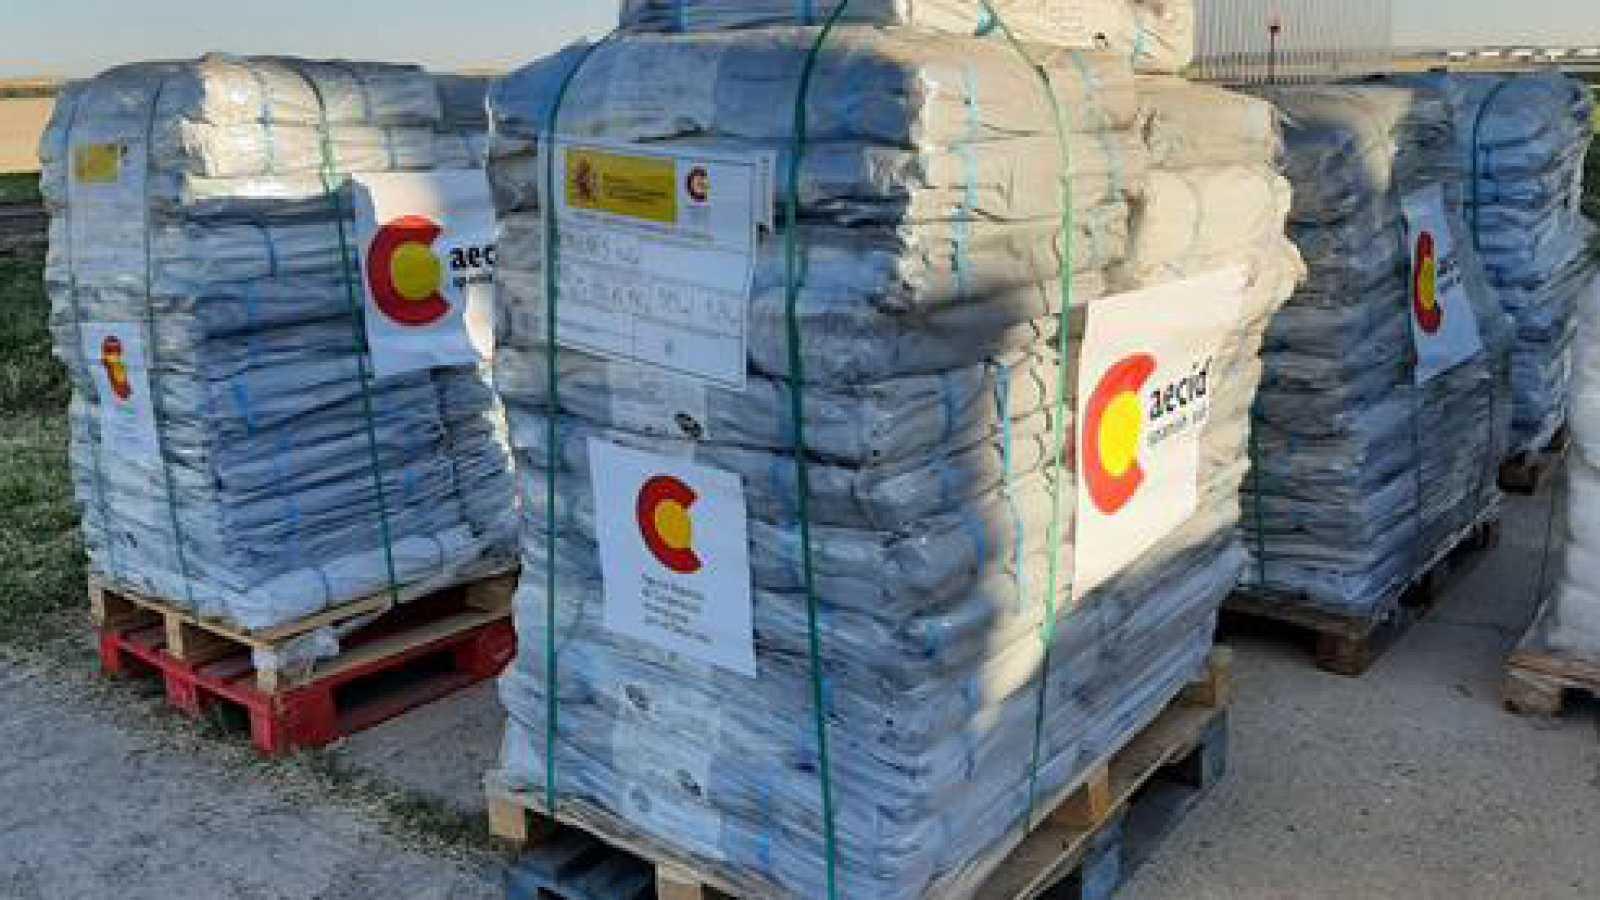 África hoy - España envía 15 toneladas de ayuda humanitaria a Níger - 27/10/20 - escuchar ahora